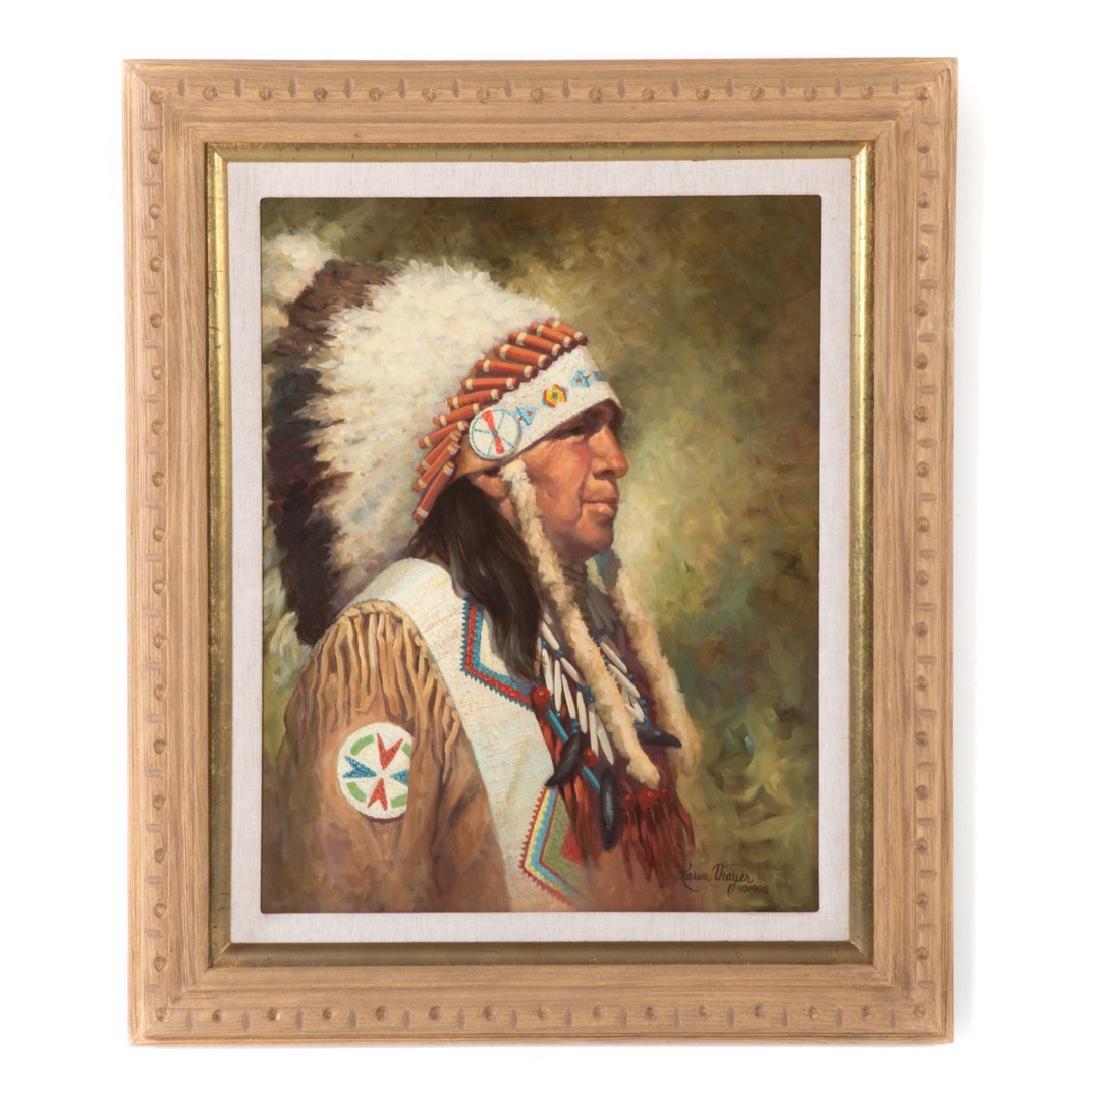 Karen Thayer. Indian Chief, oil